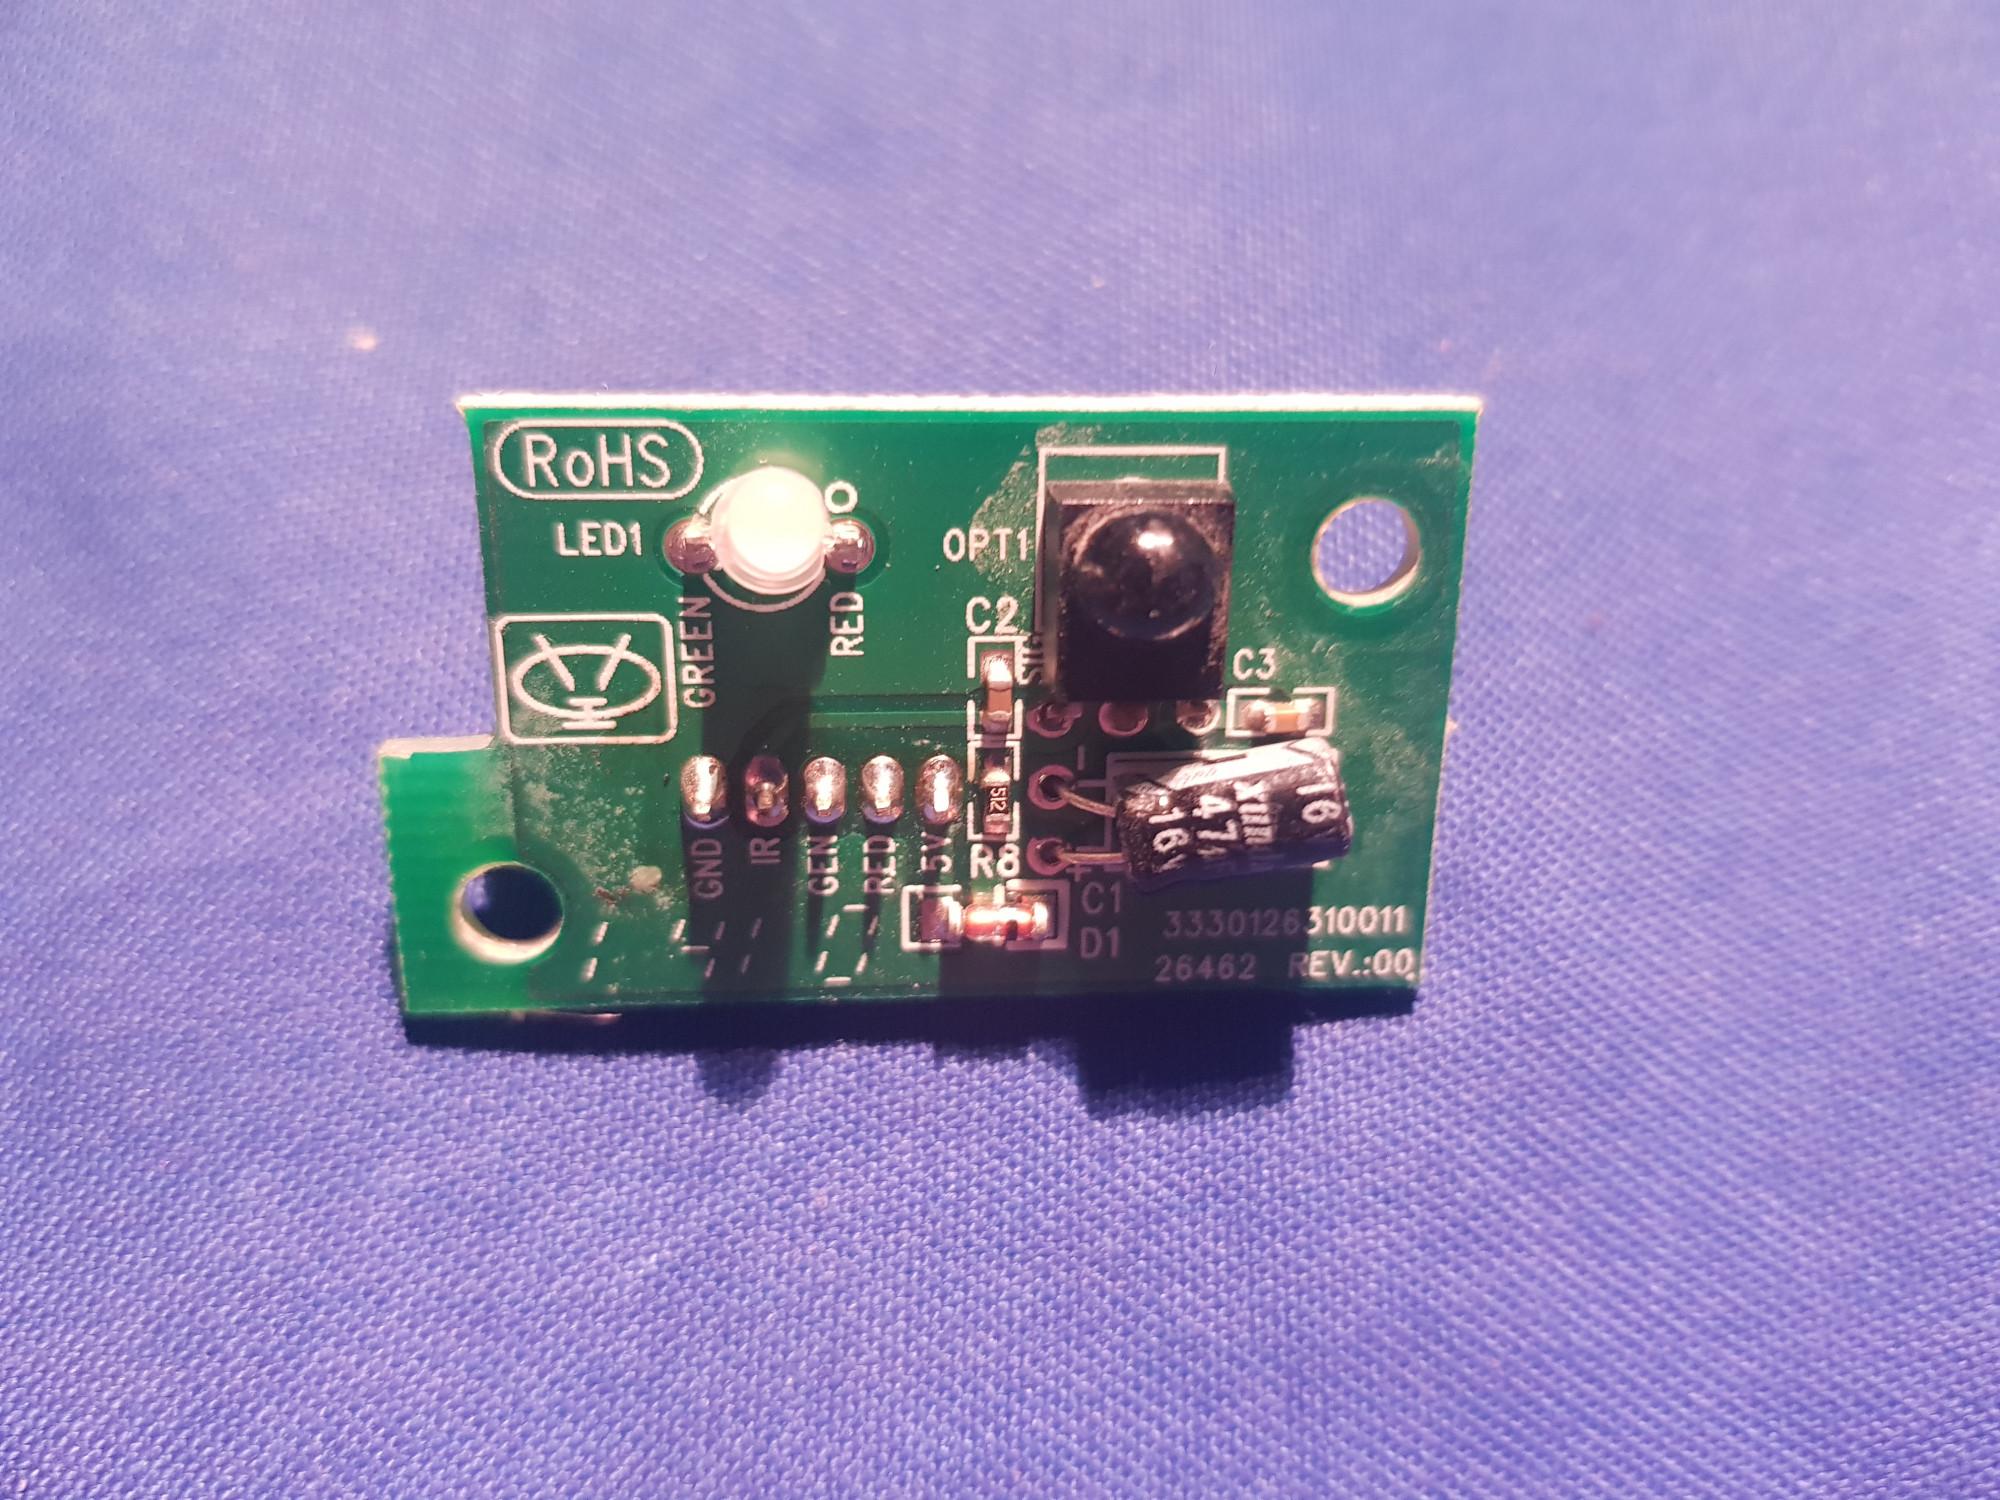 3330126310011 Rev00 Ir Remote Control Sensor For Baird Jo32baird Checking